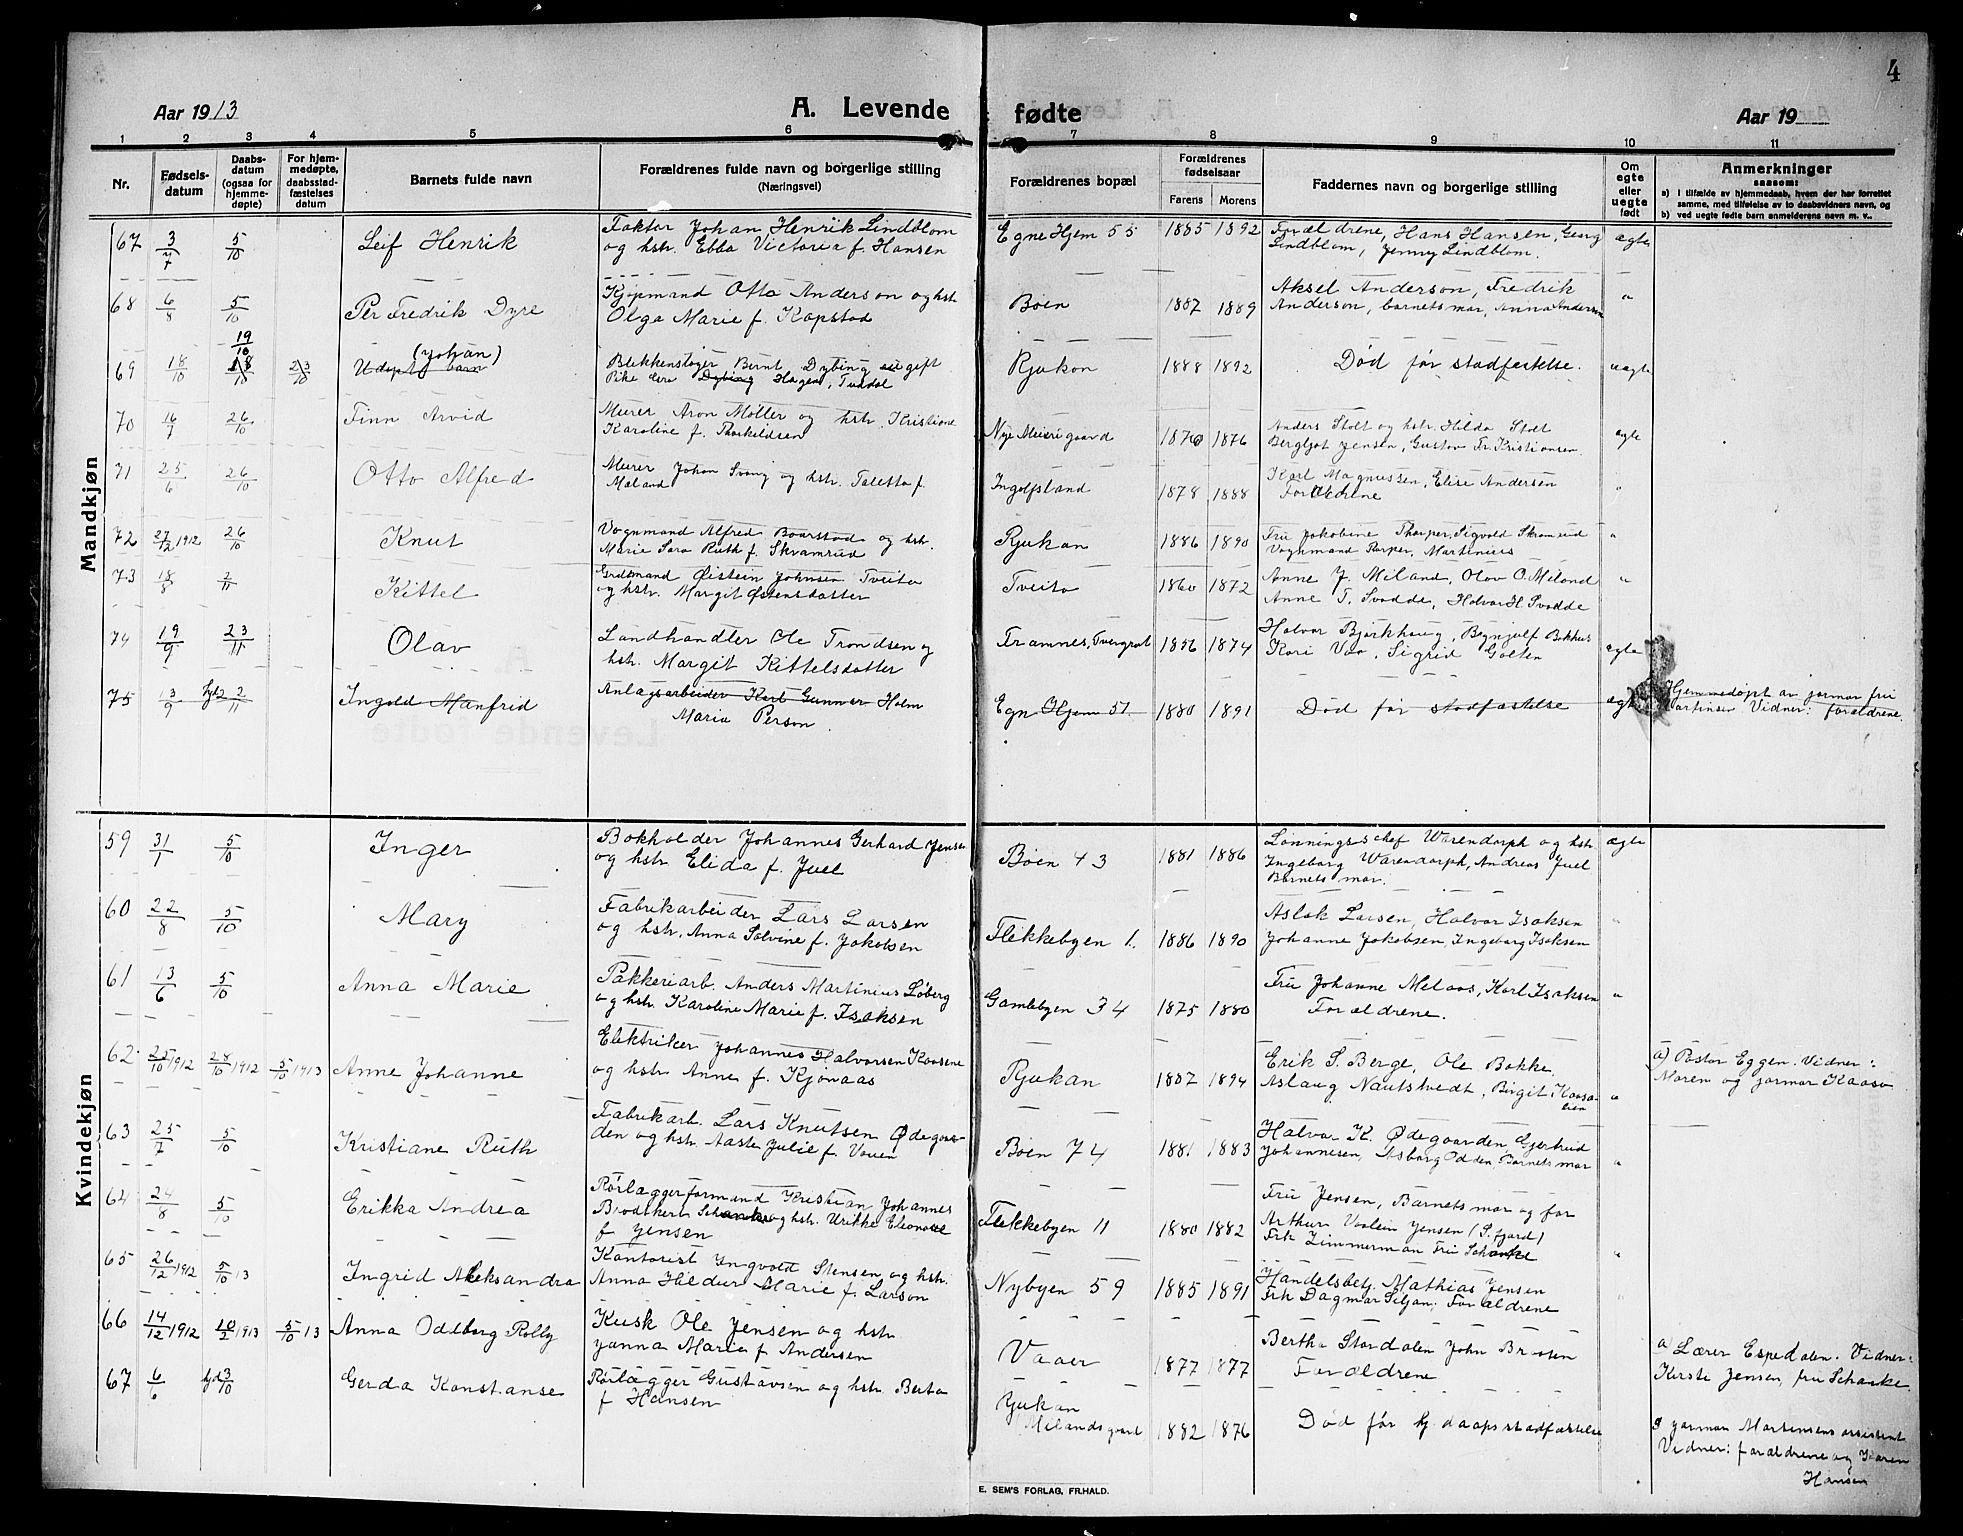 SAKO, Rjukan kirkebøker, G/Ga/L0002: Klokkerbok nr. 2, 1913-1920, s. 4